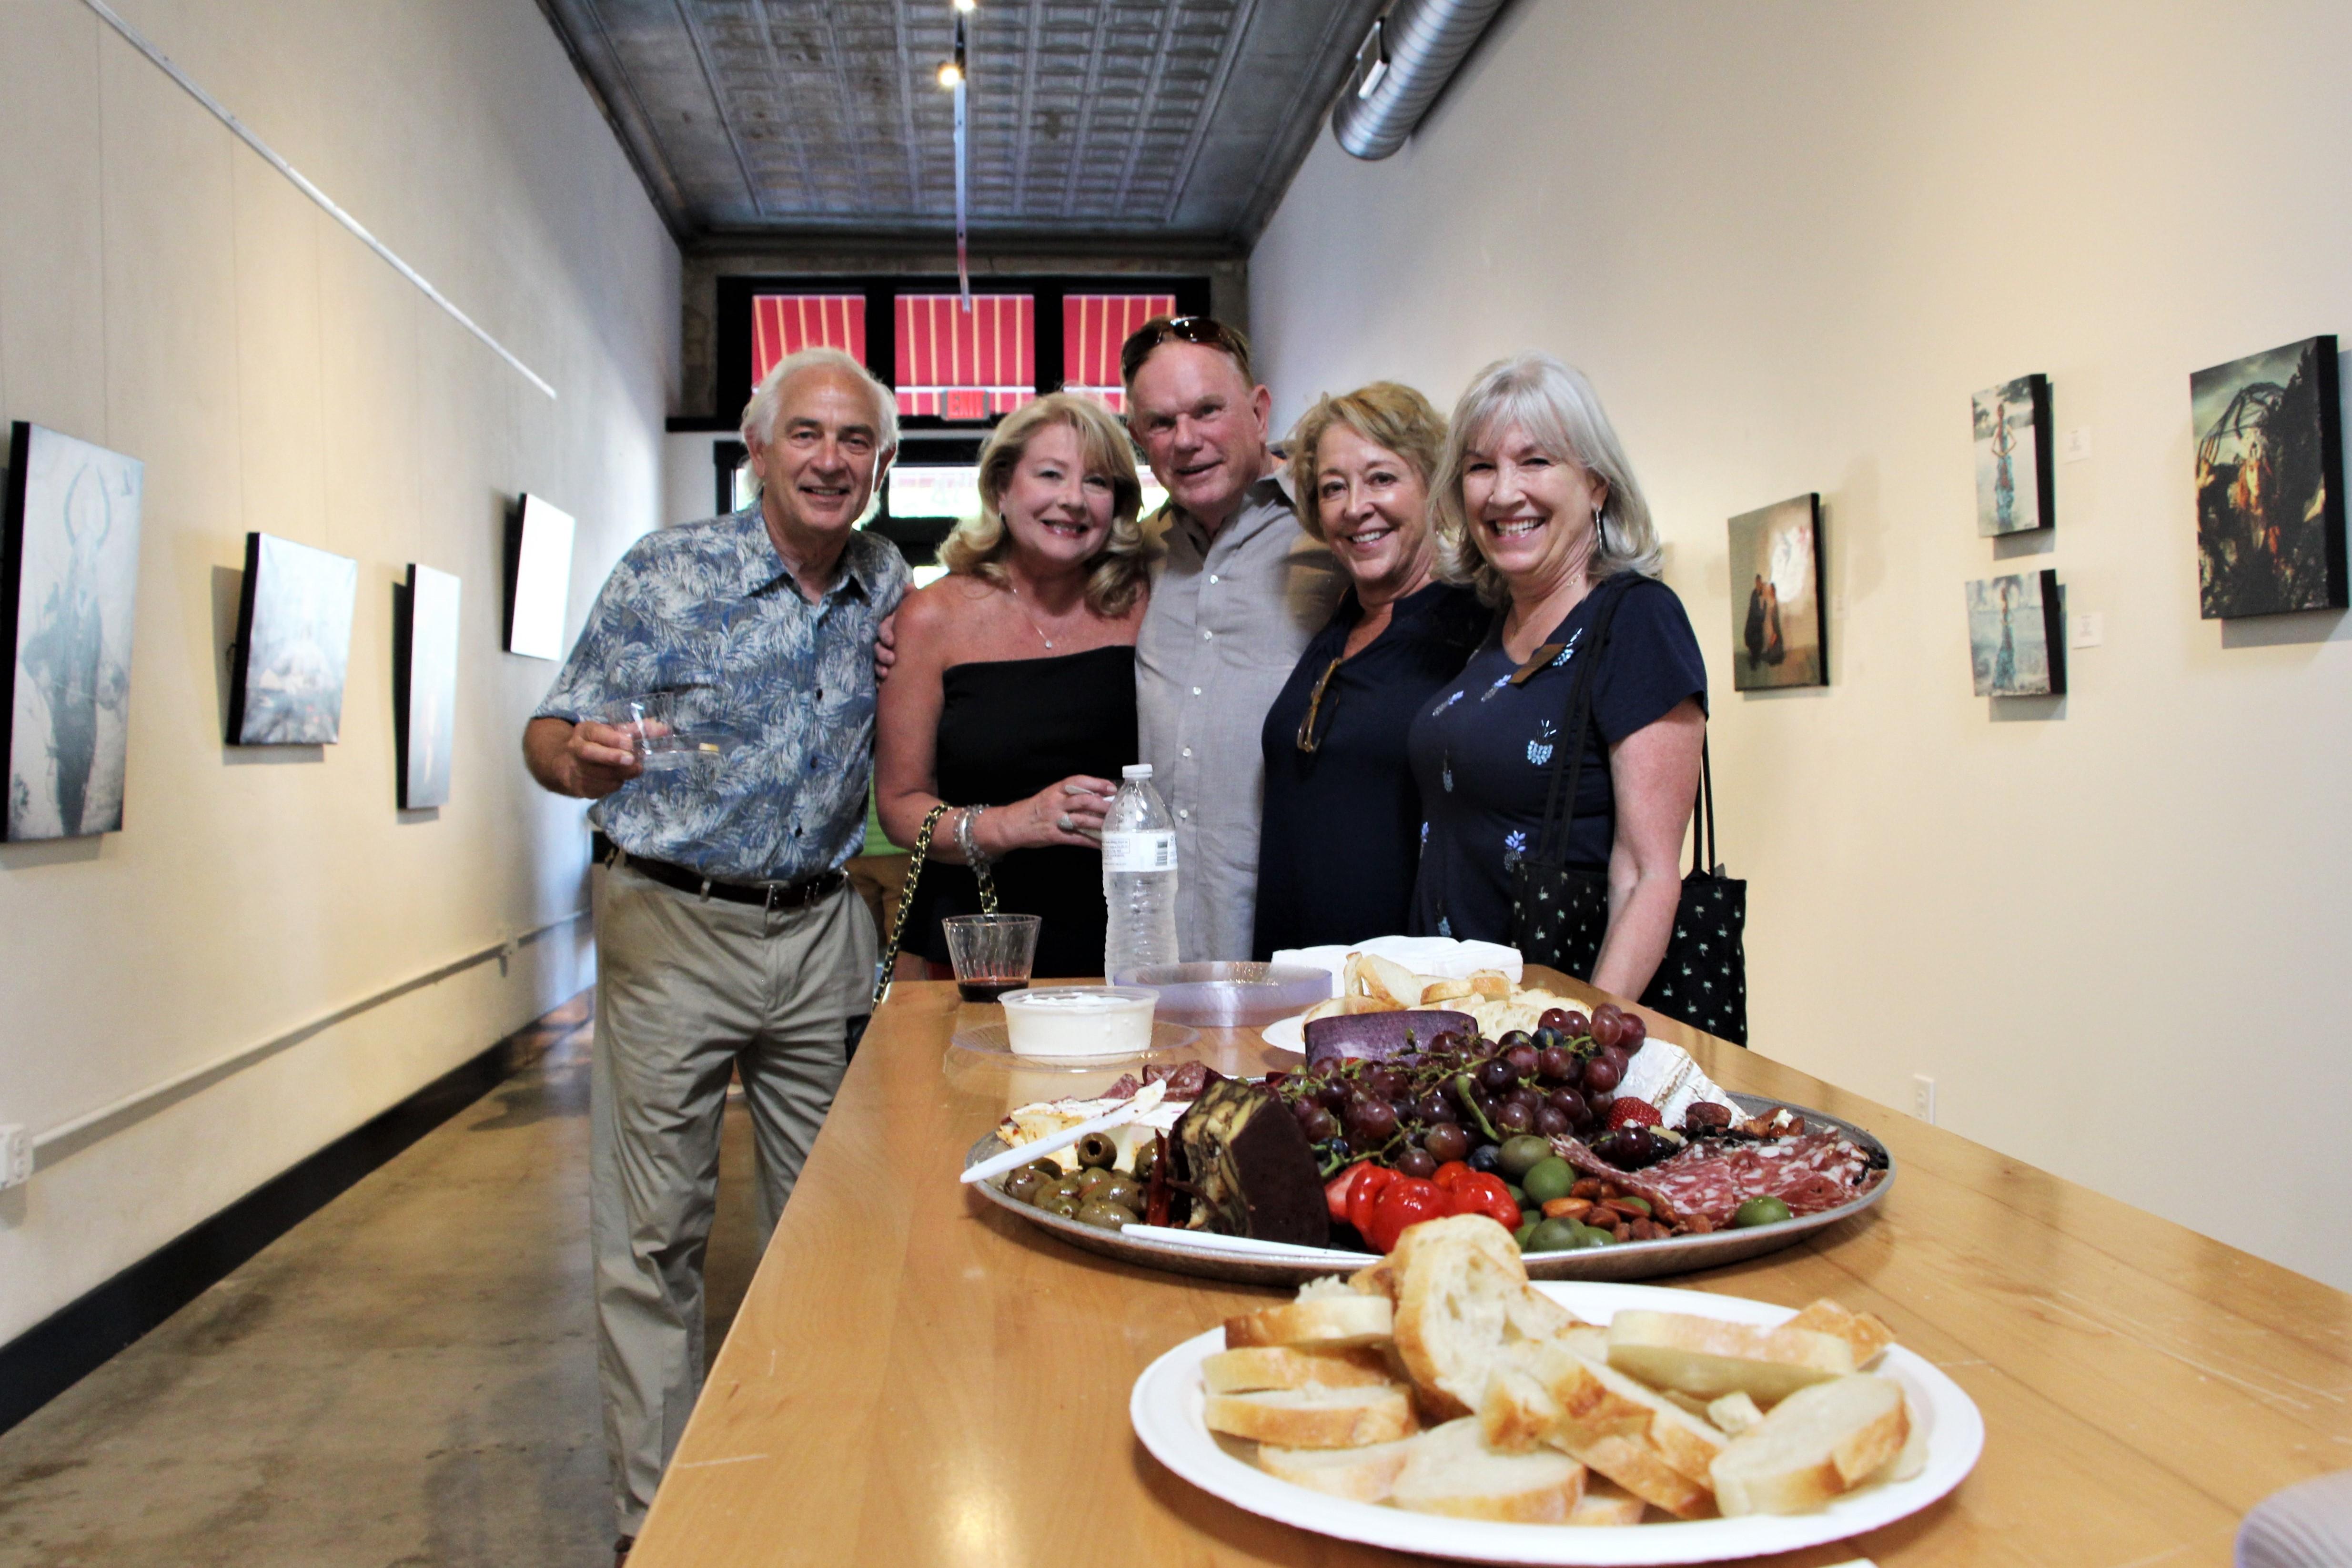 Argenta Gallery North Little Rock